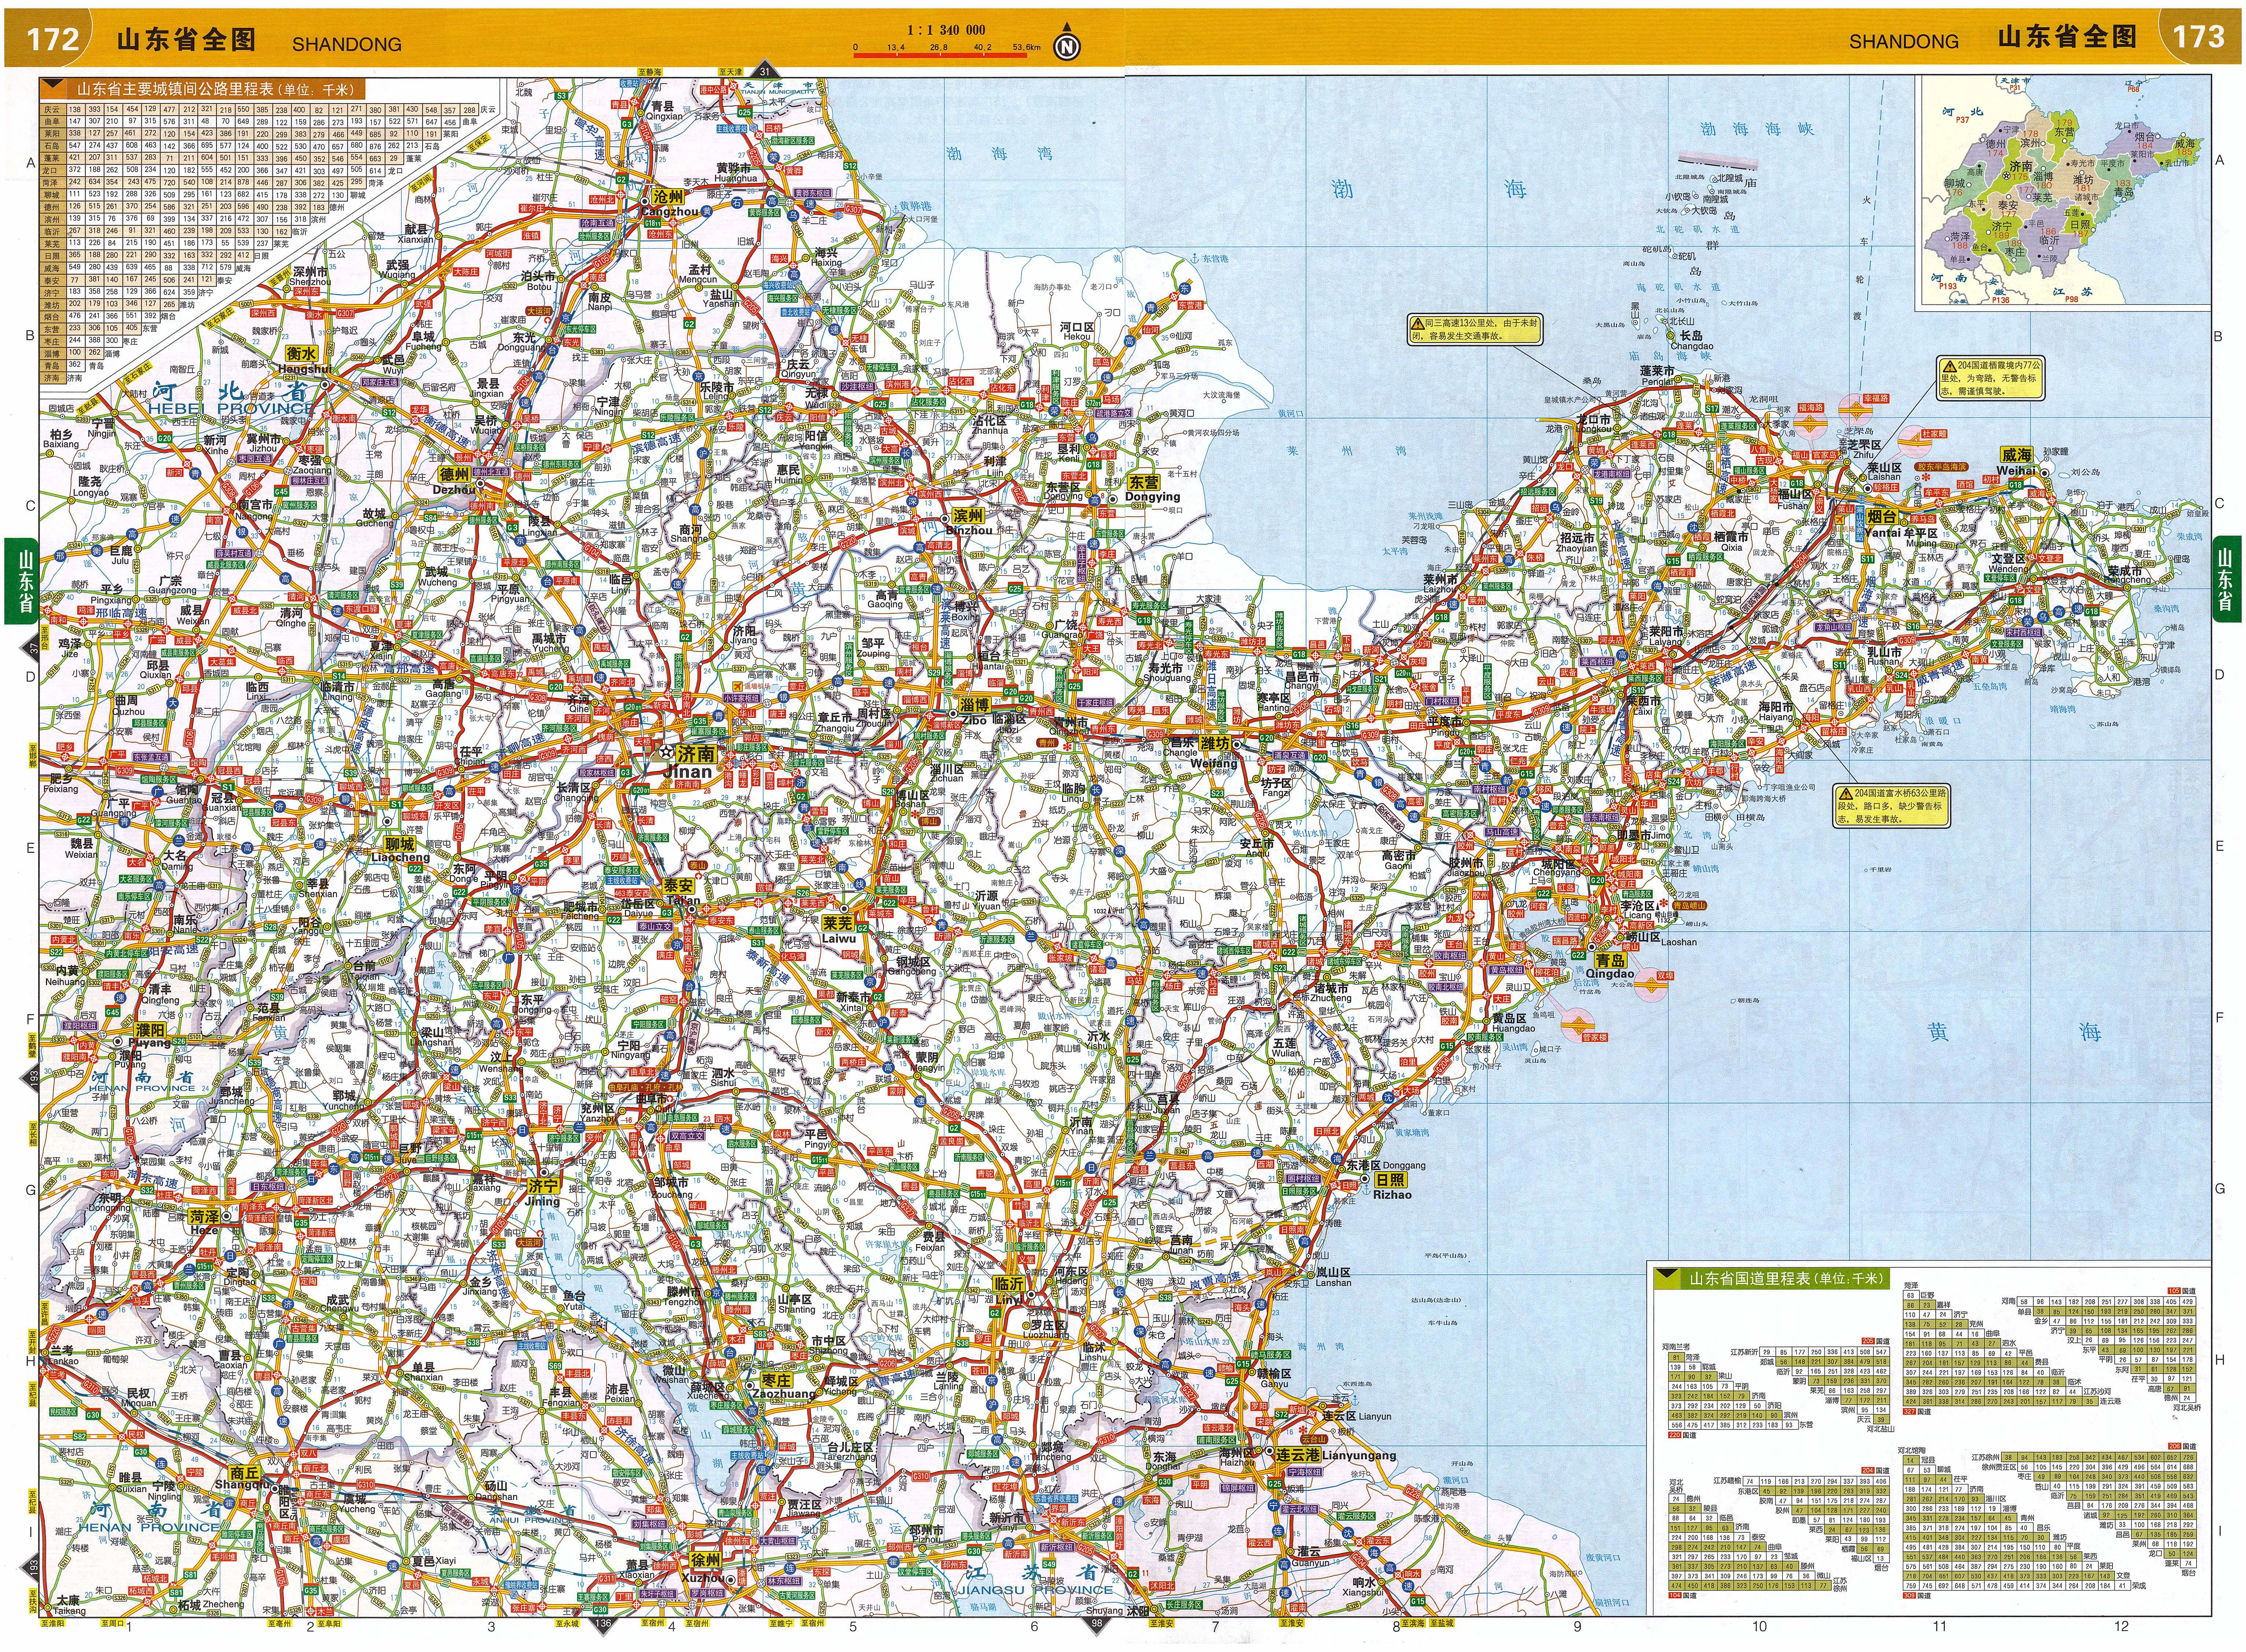 山东省交通地图全图高清版